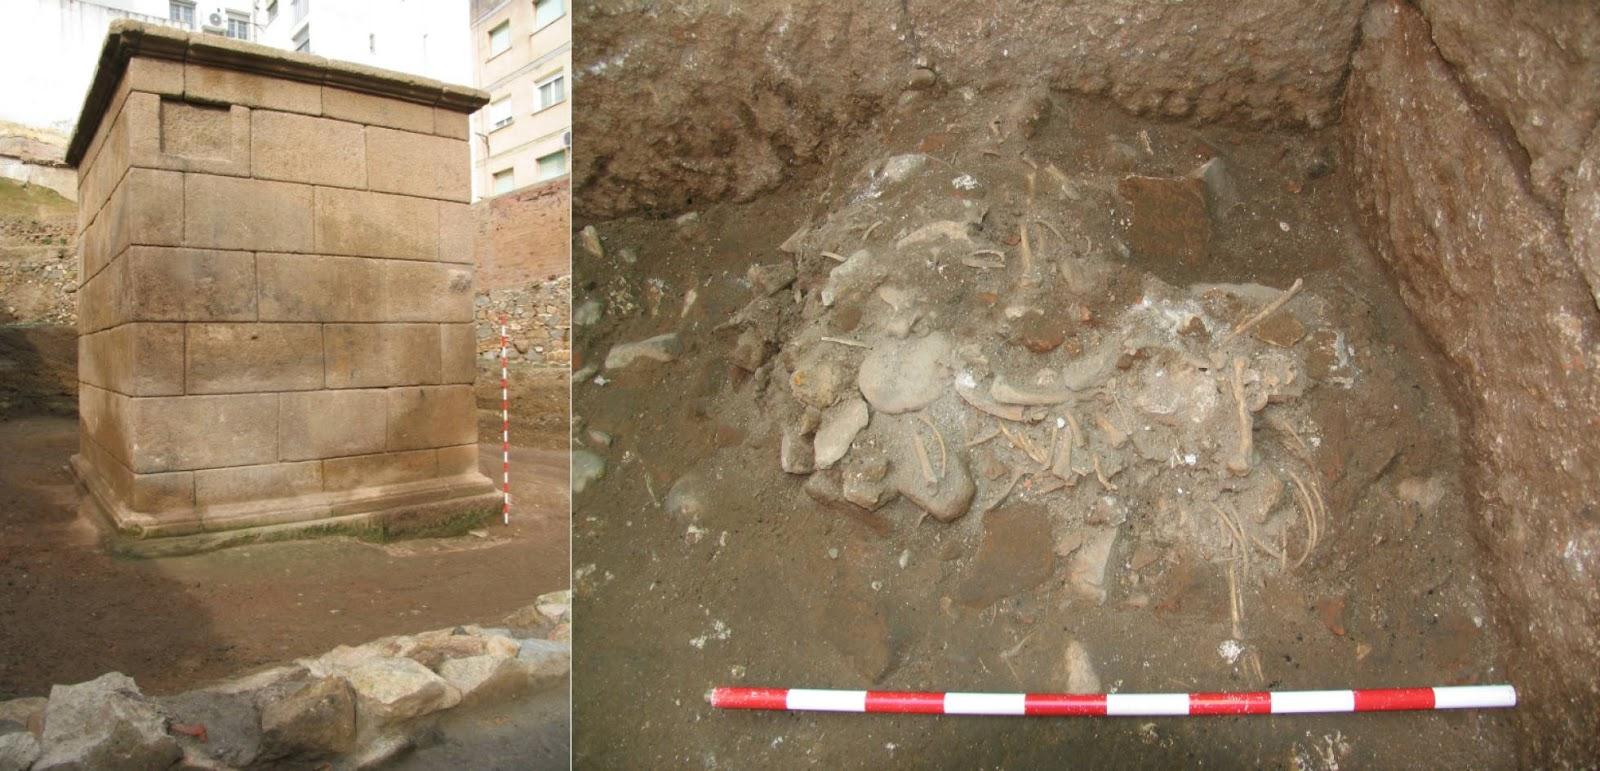 A la izquierda, el mausoleo. A la derecha, los restos del sacrificio animal en su interior. Foto:Javier Heras. Consorcio de la Ciudad Monumental de Mérida.